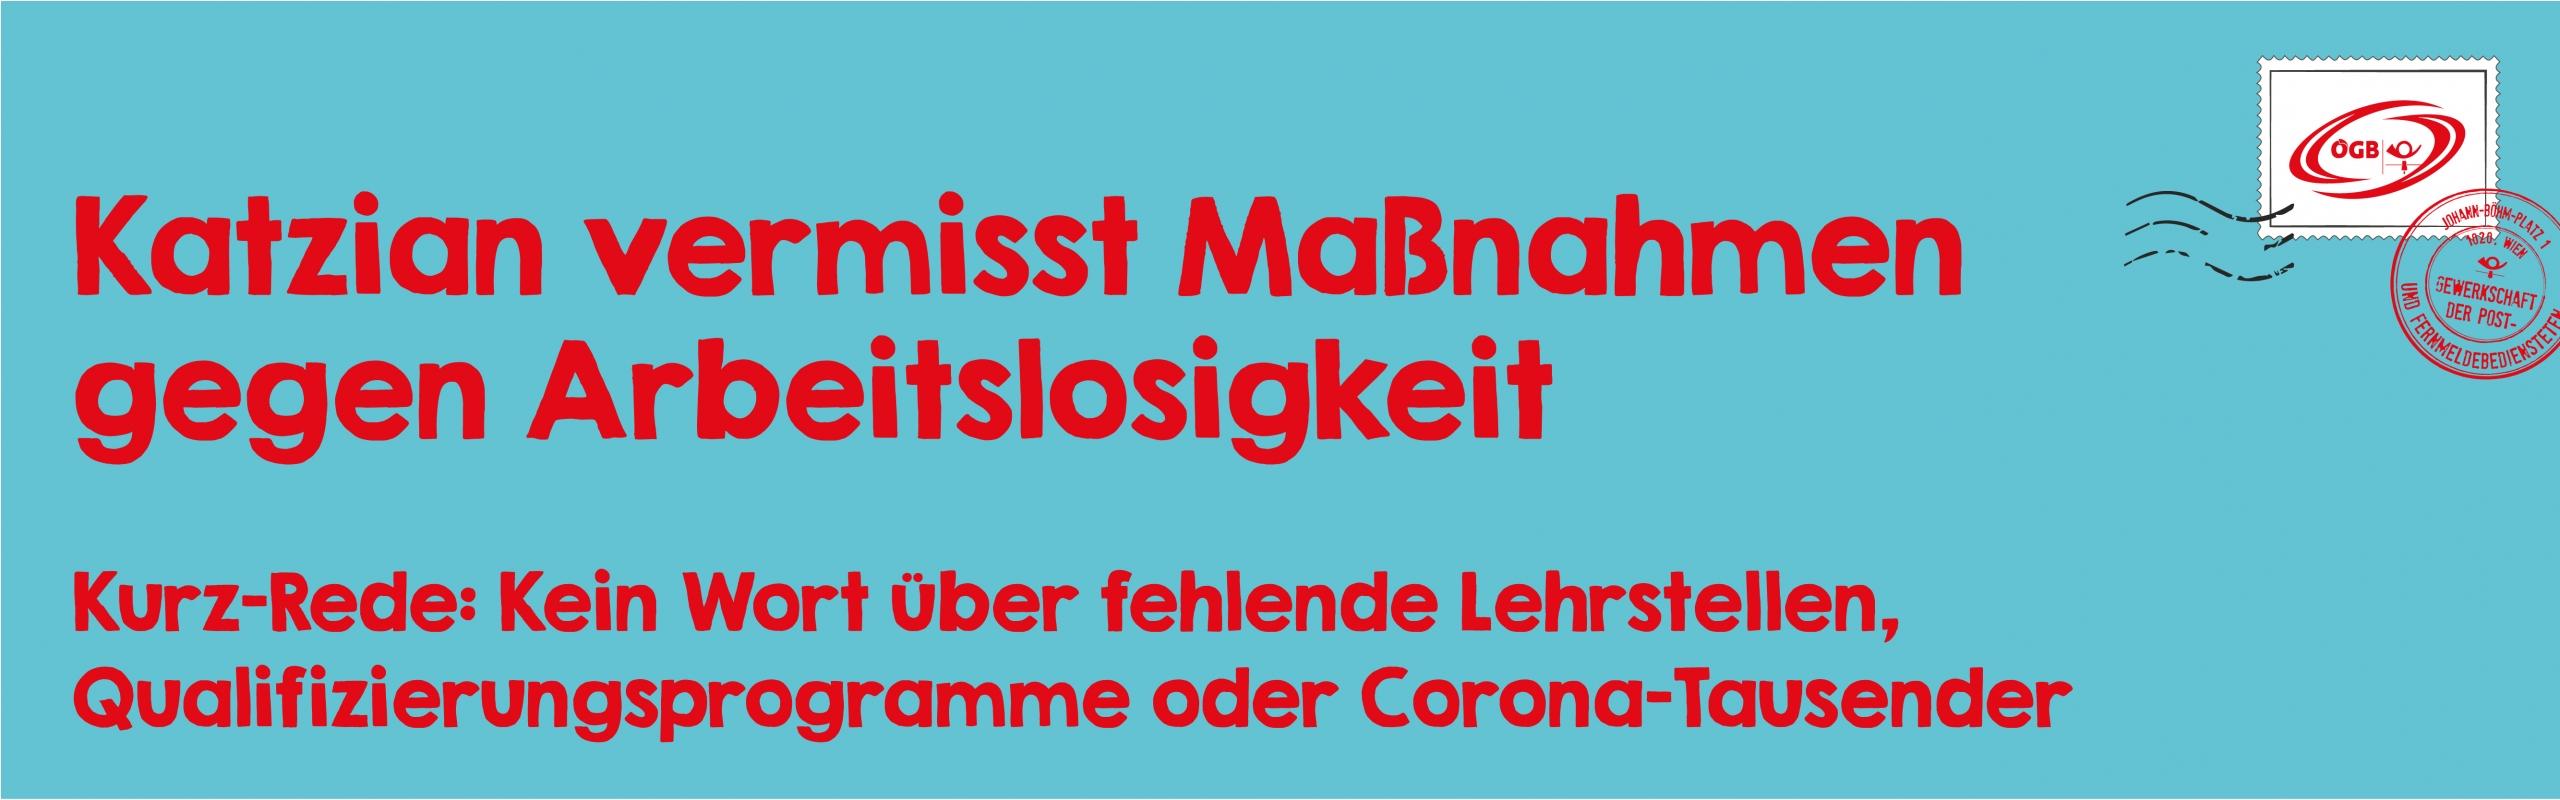 Kurz Rede_ÖGB Statement_Banner